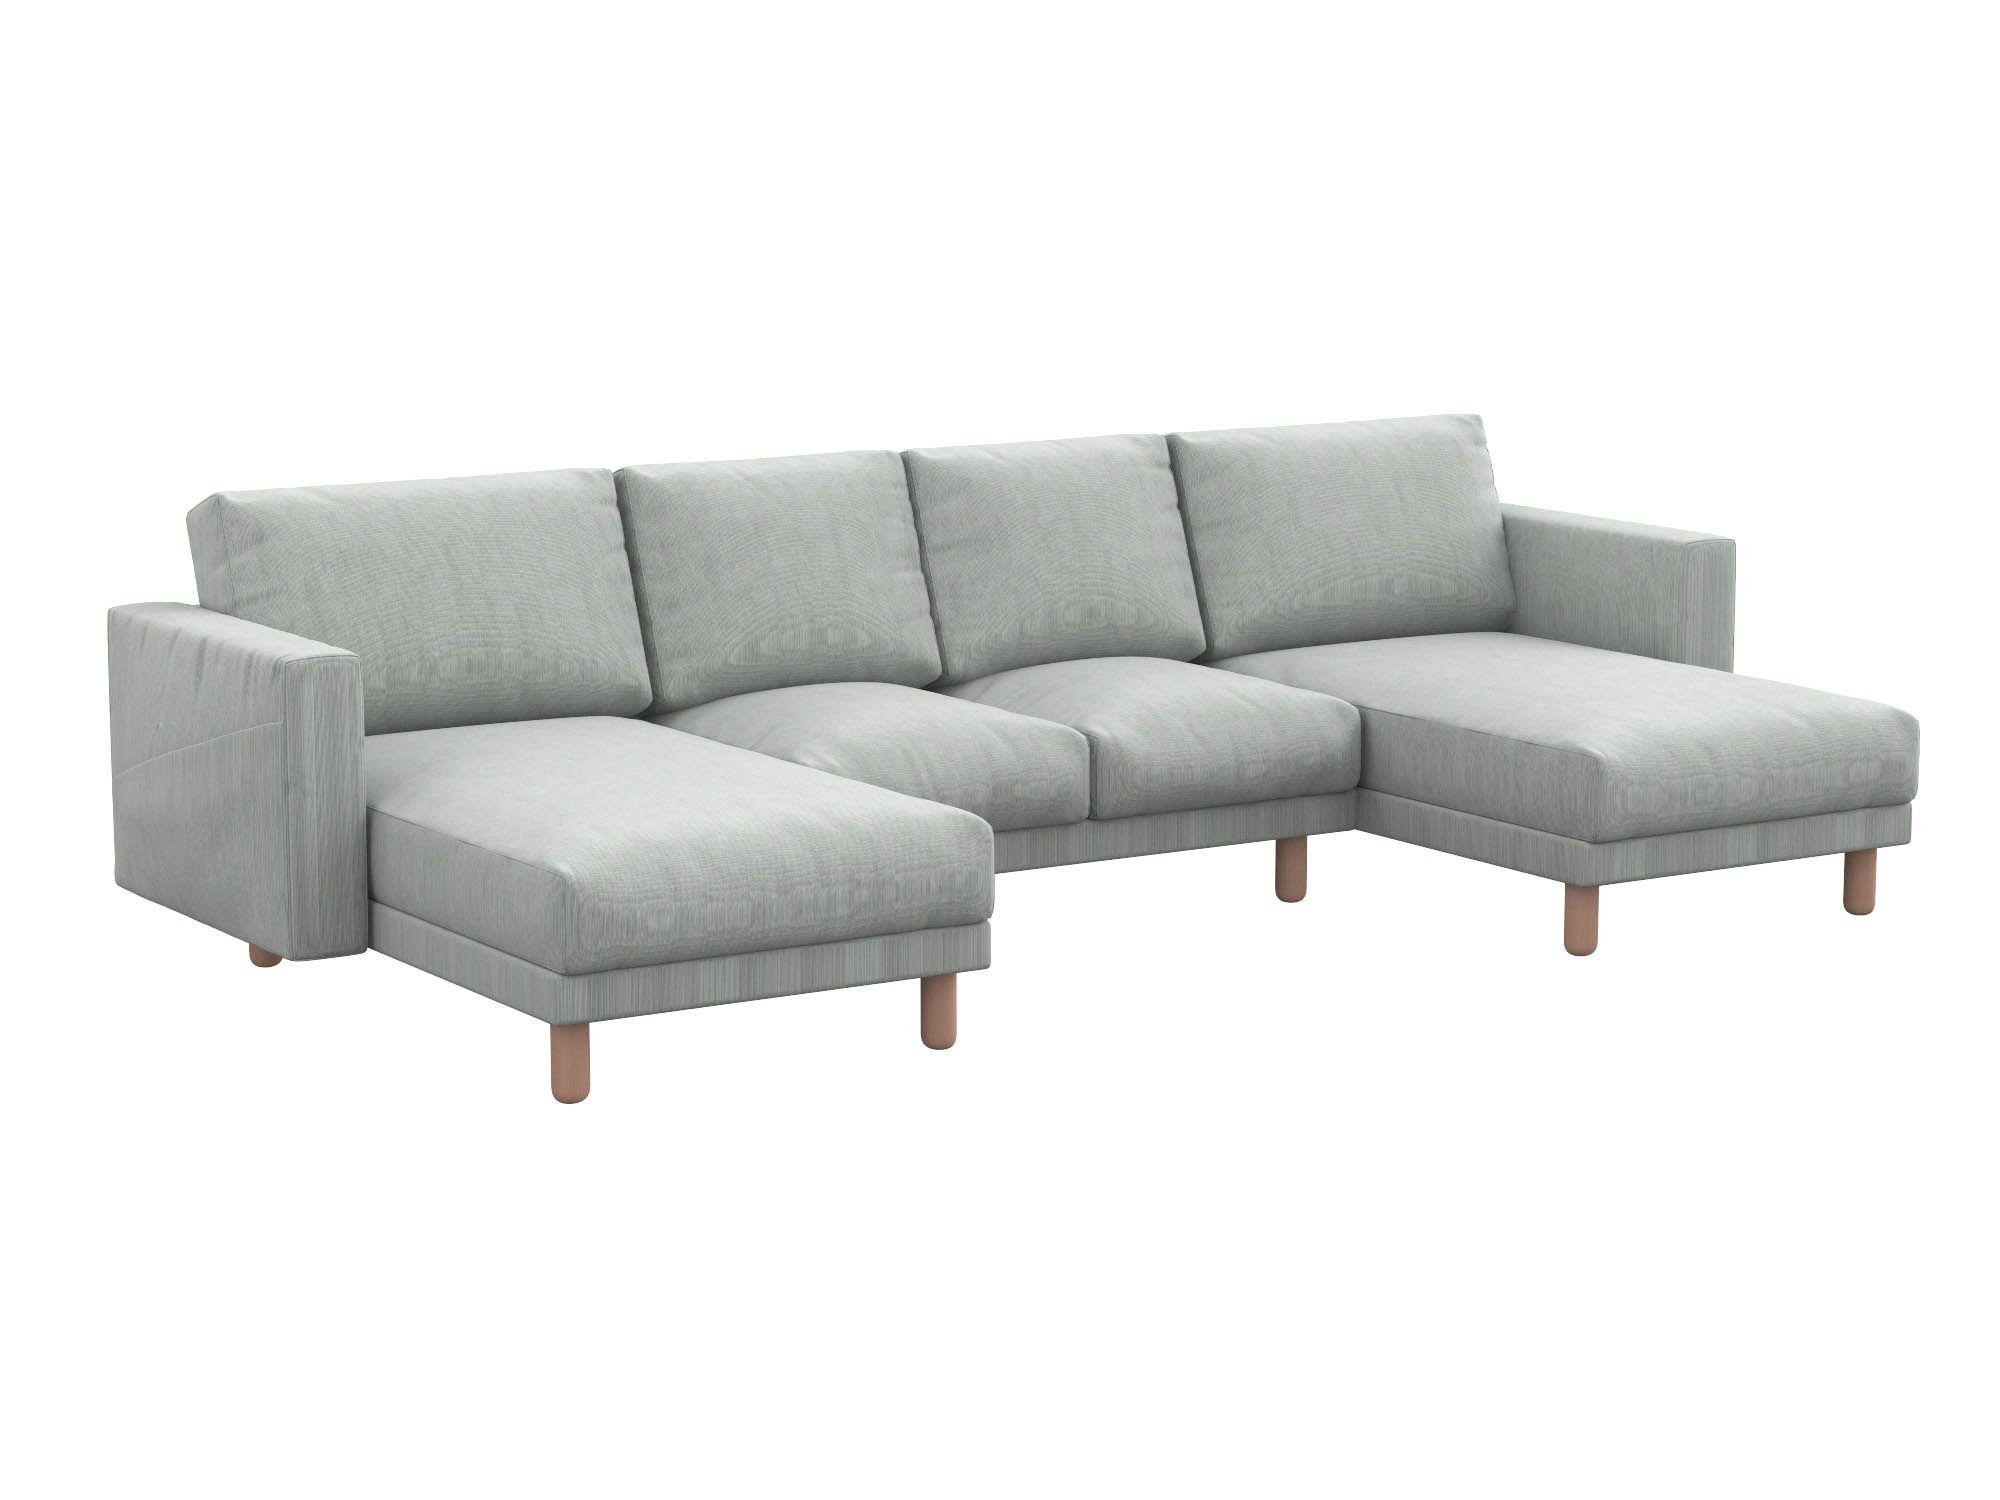 Norsborg pokrowiec na sofę 4-osobową z dwoma szezlongami i kieszeniami bocznymi